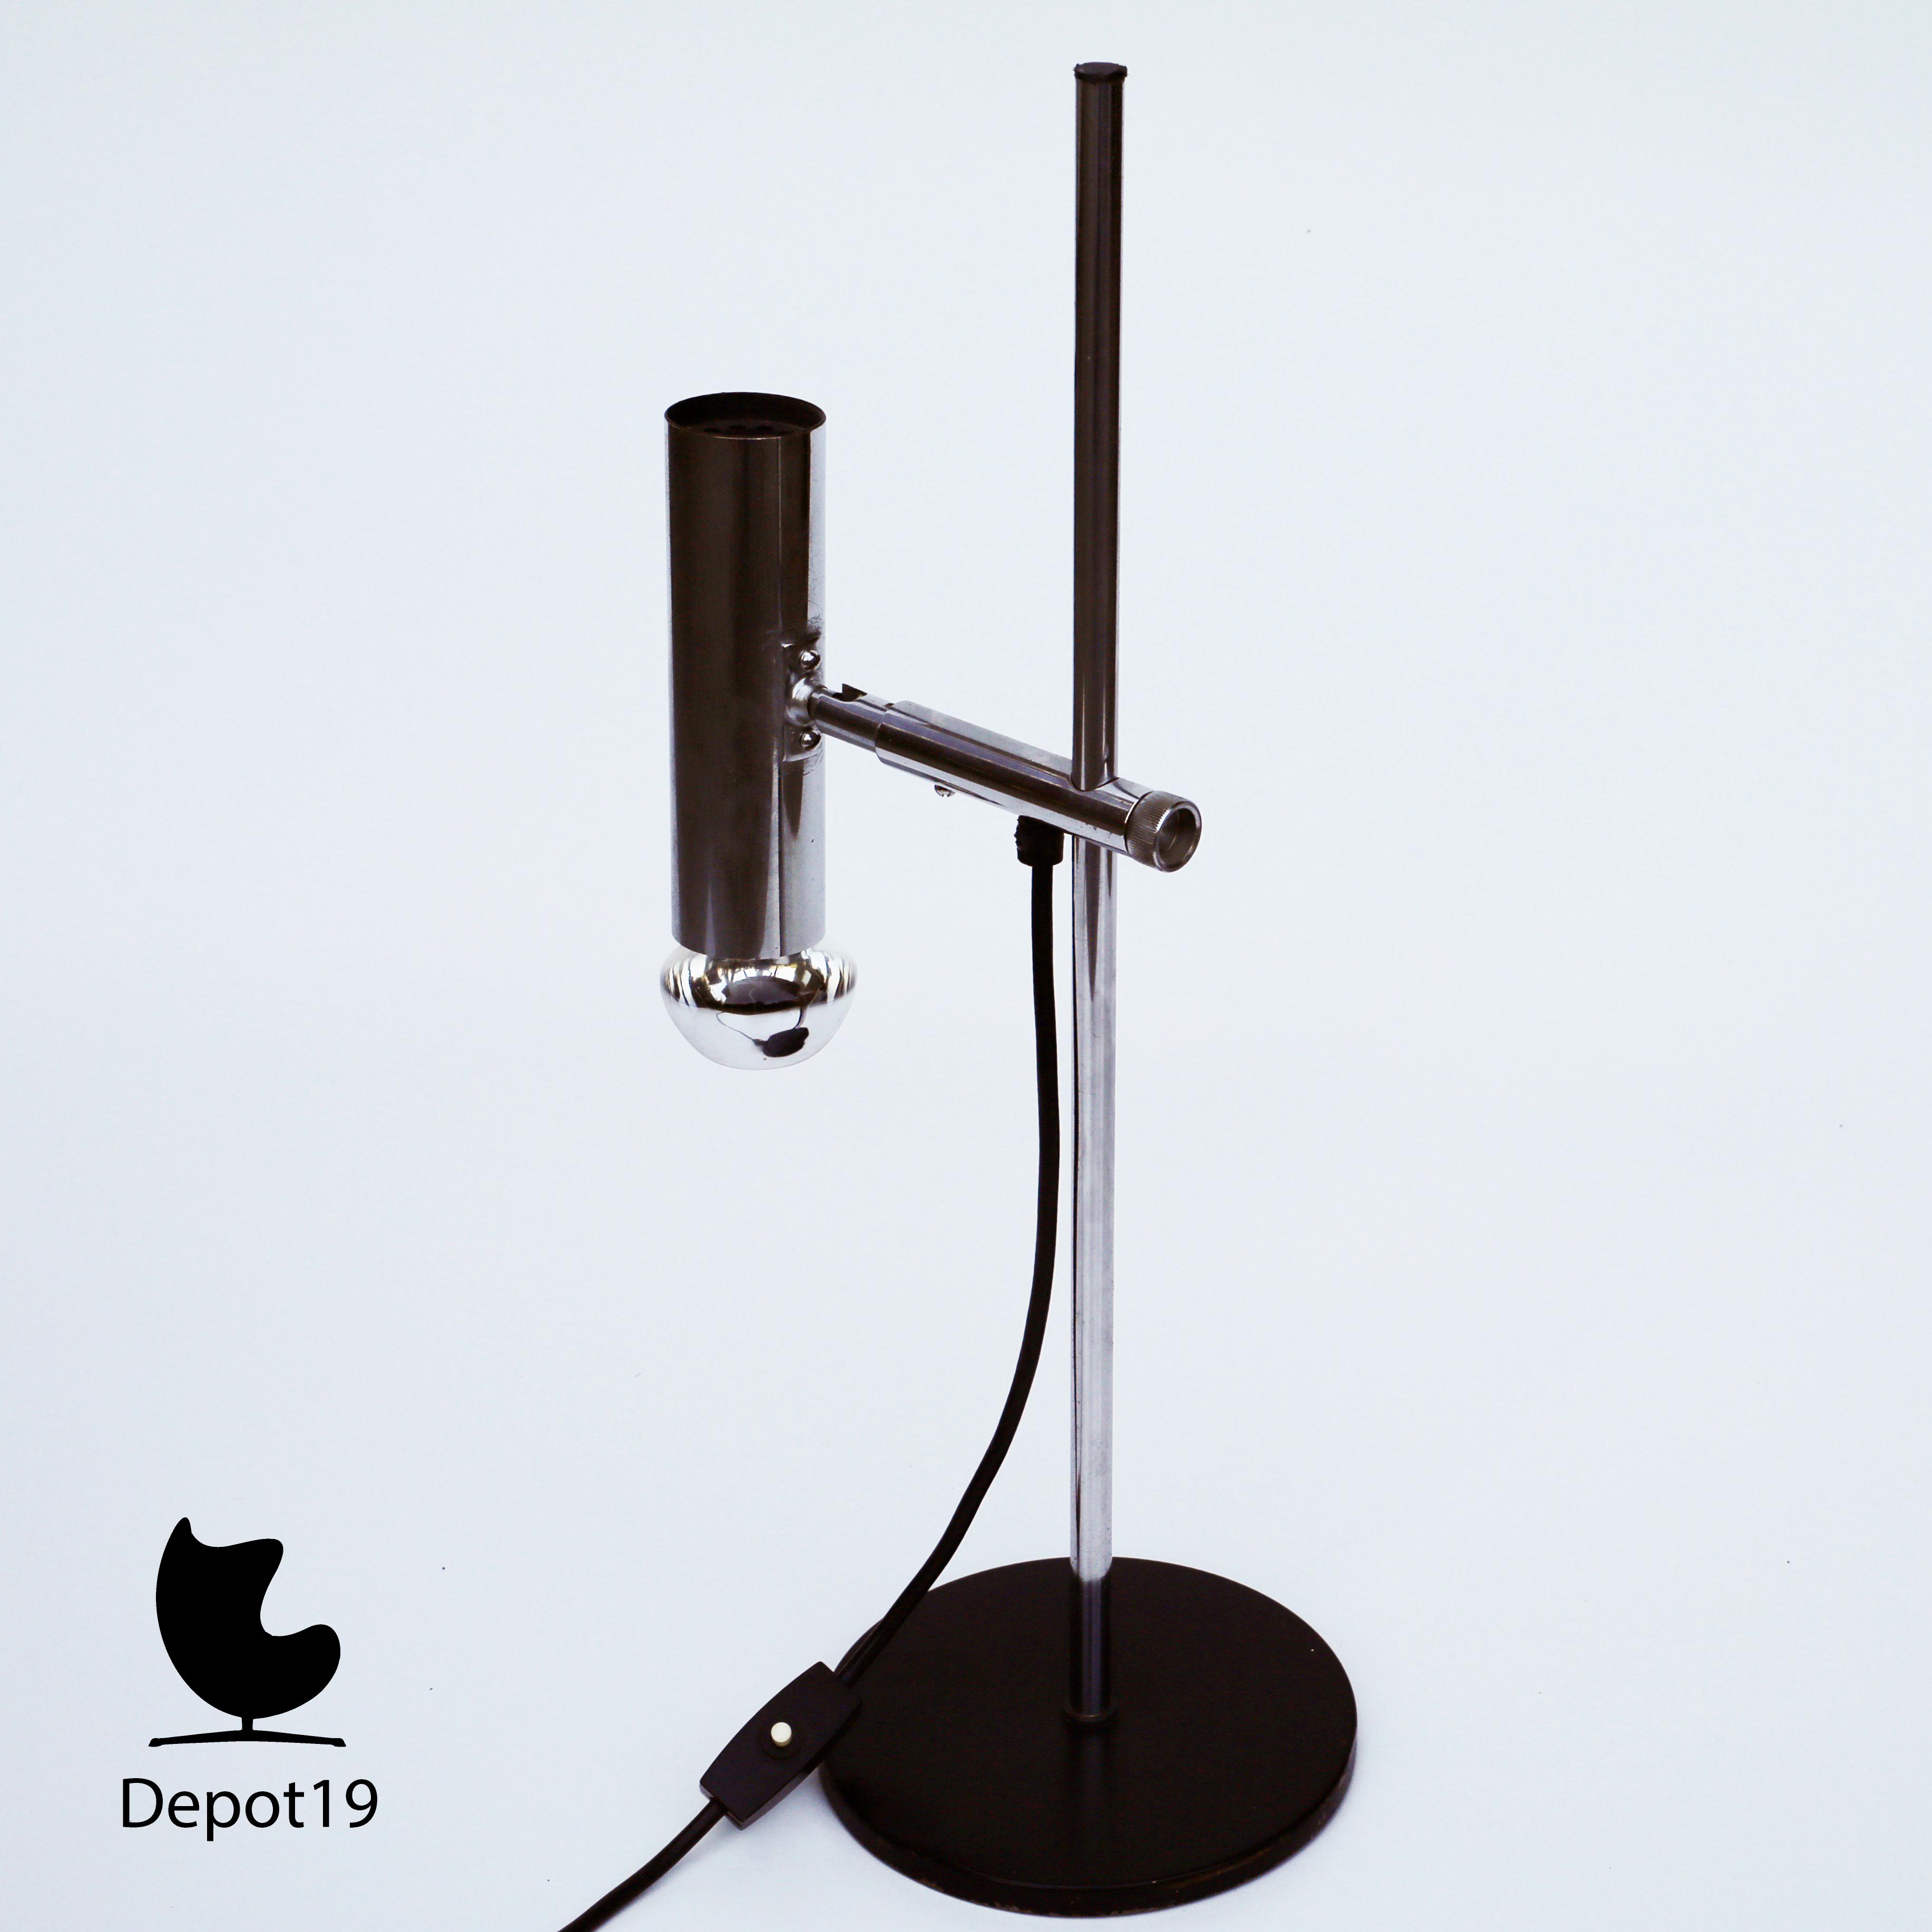 Koch En Lowy Omi Chromen Tafellamp Depot 19